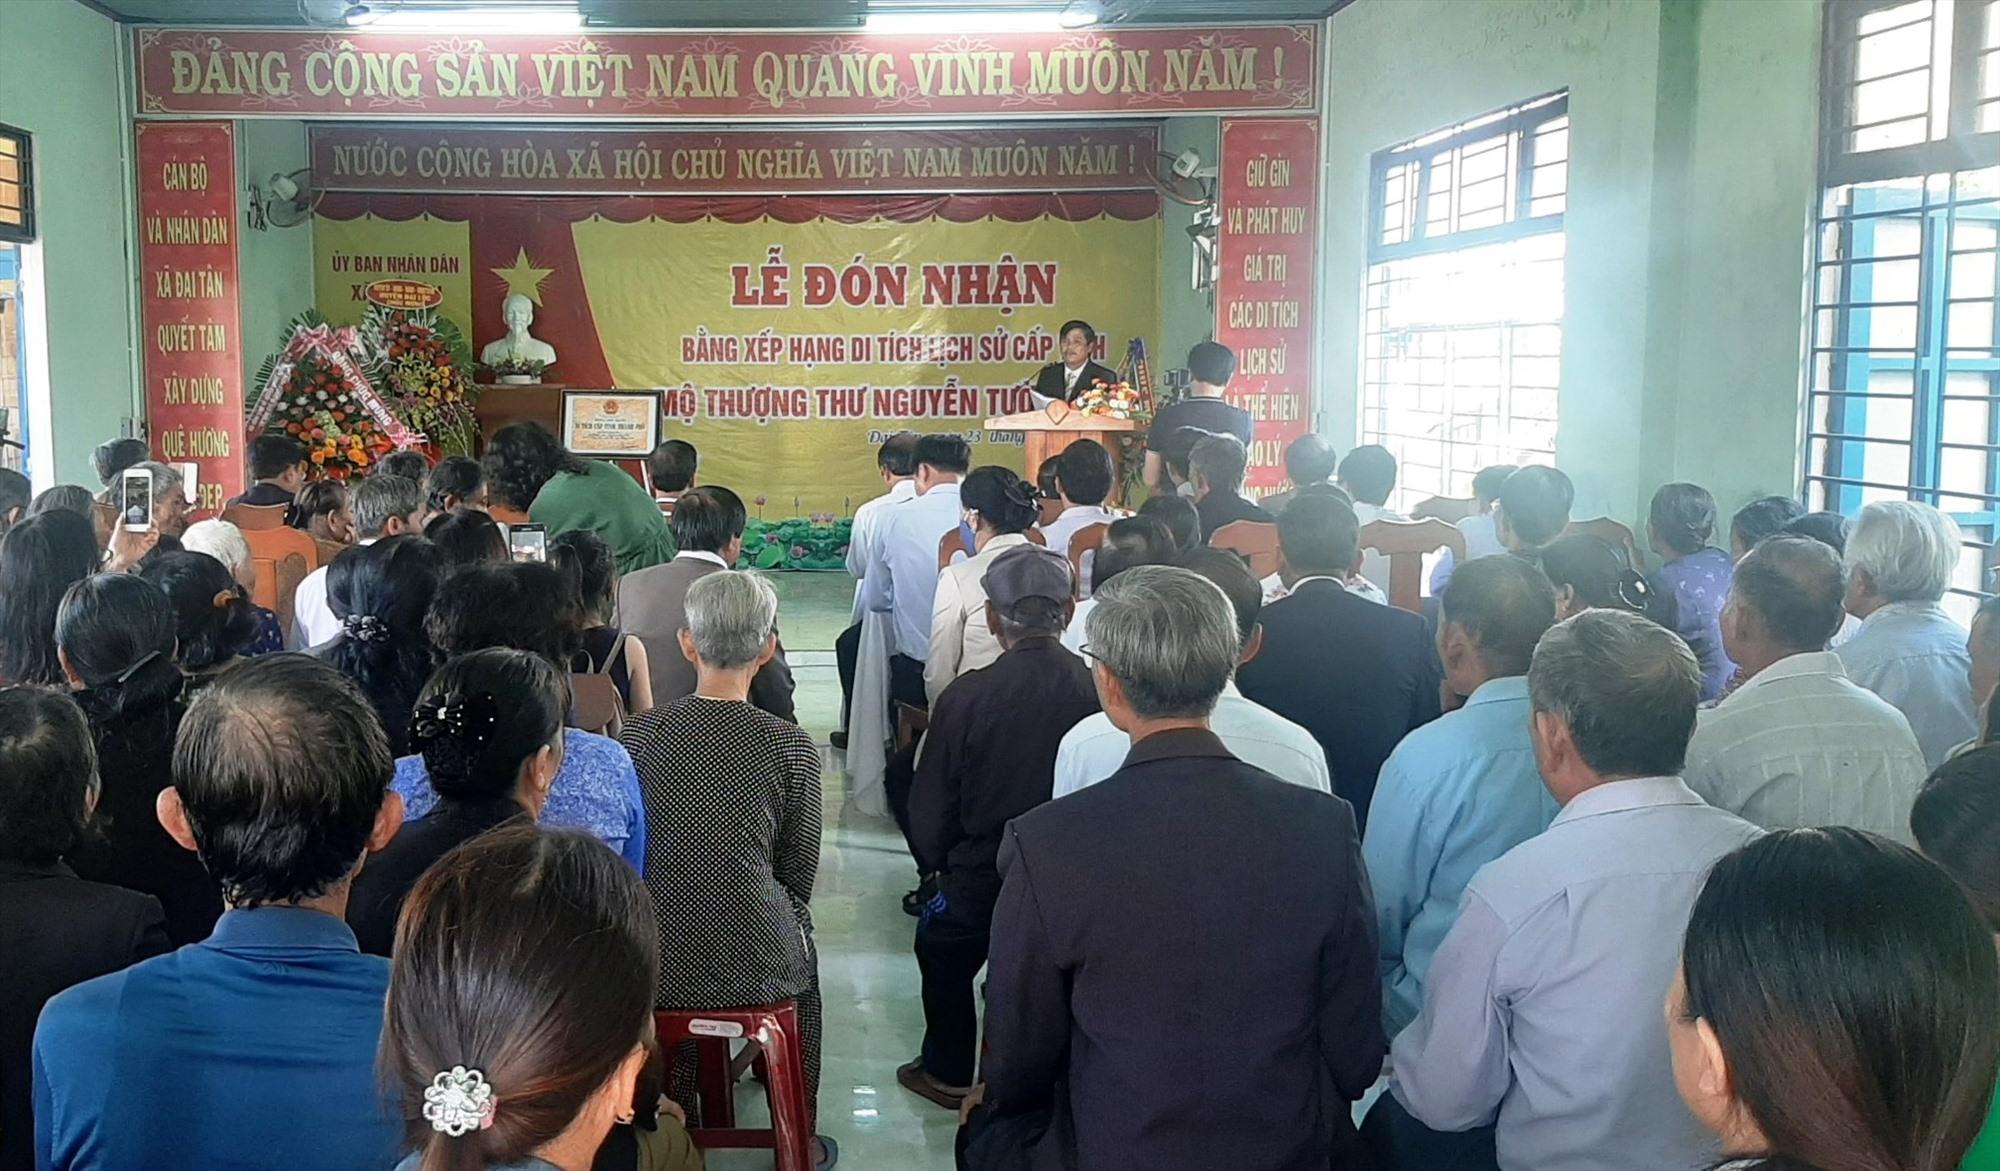 Lễ đón nhận Di tích lịch sử cấp tỉnh Mộ cụ Nguyễn Tường Vân tại xã Đại Tân. Ảnh: NHAN DUY